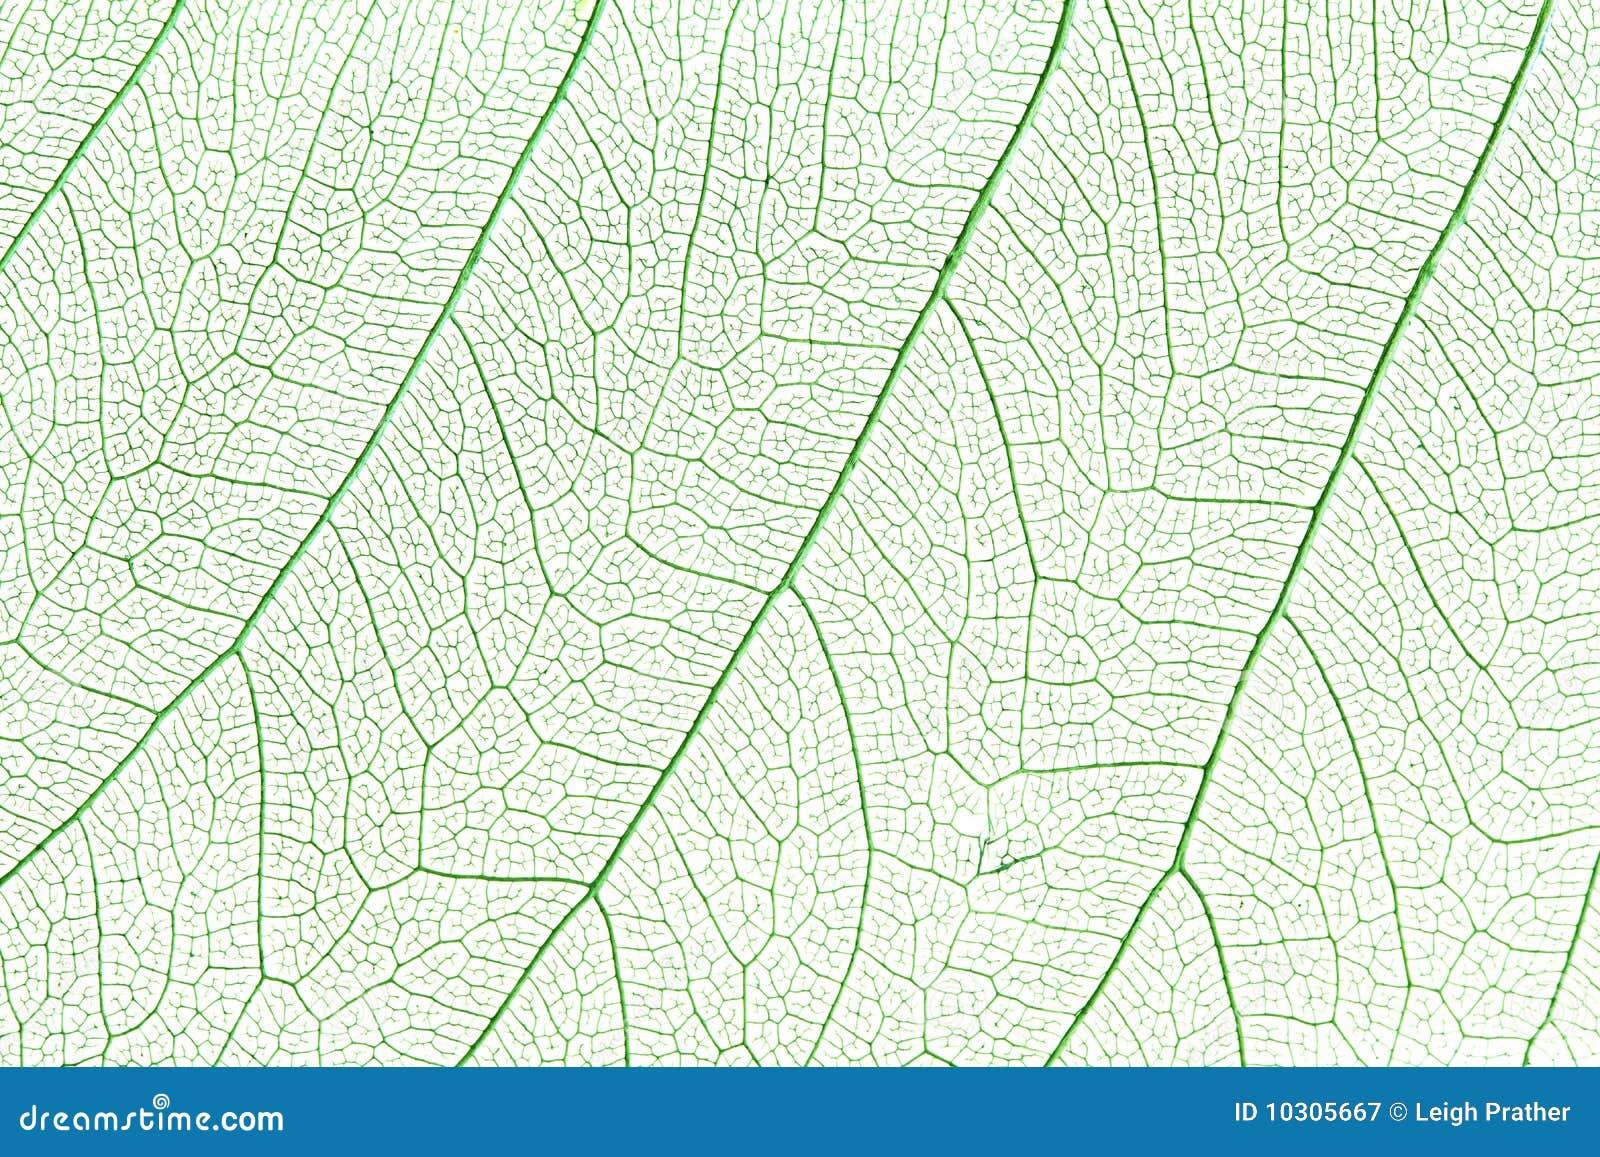 Groen skeletblad